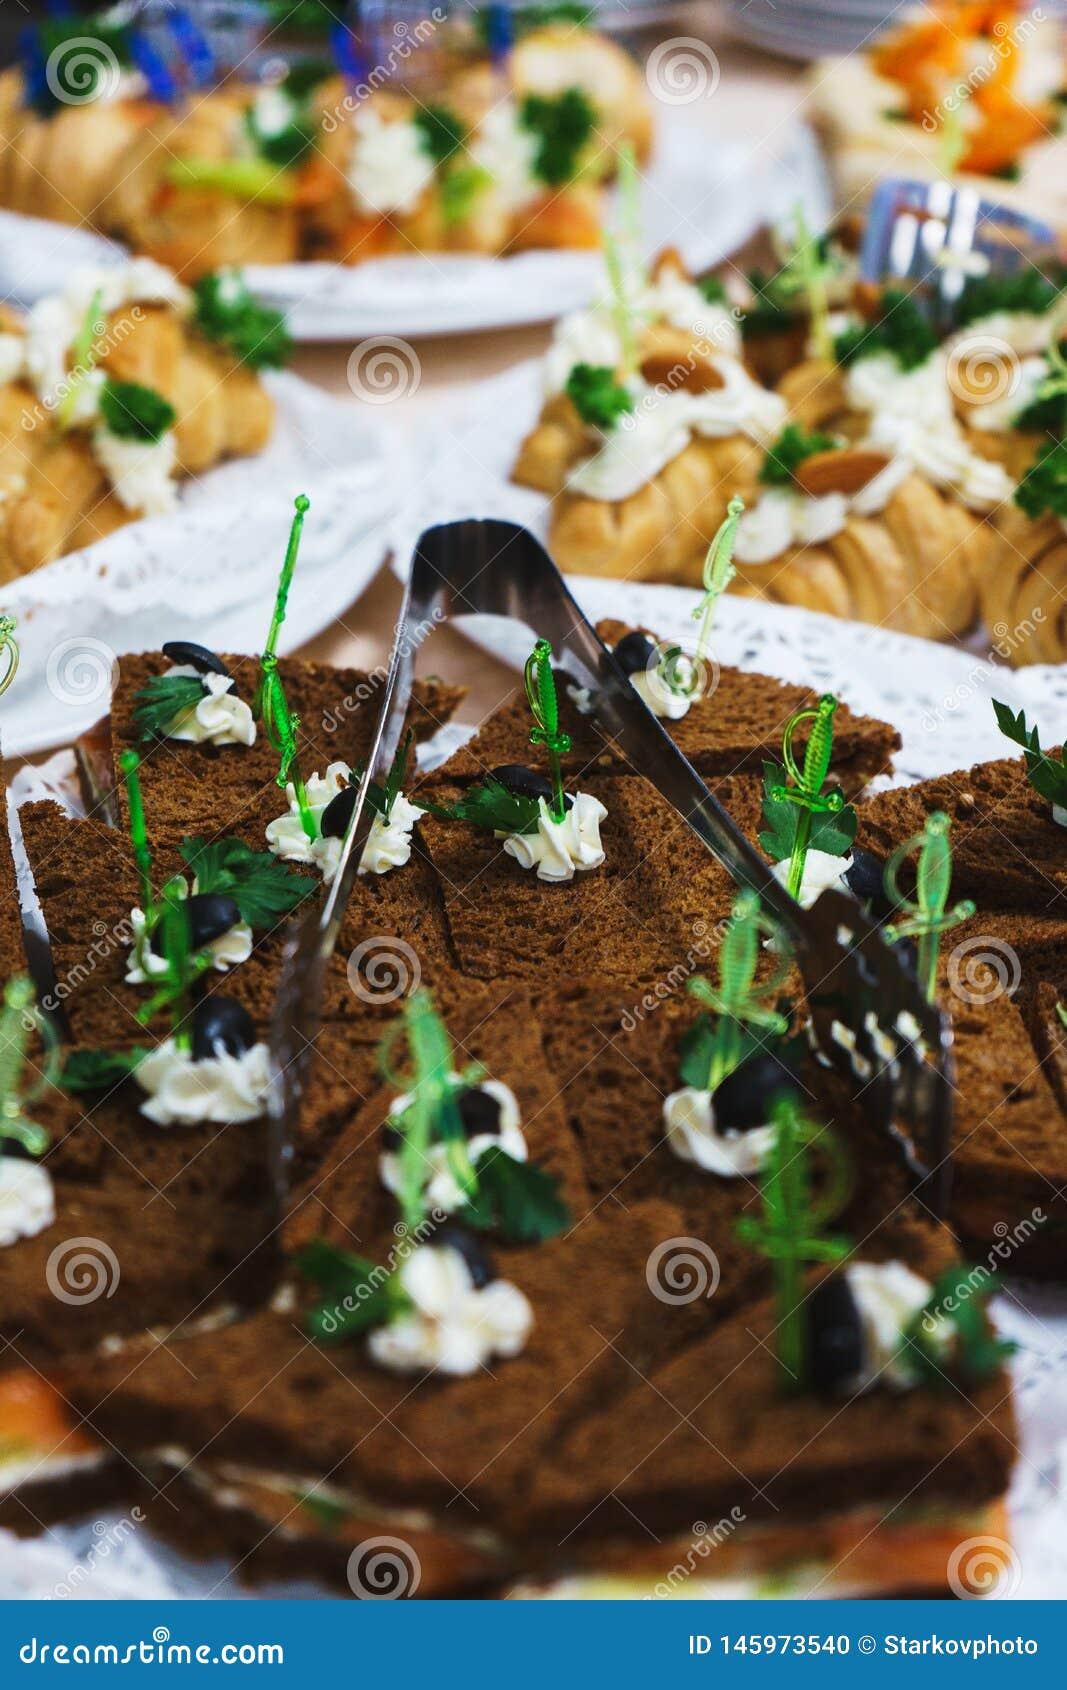 Ресторанное обслуживаниа и закуски на таблице подготовленной для гостей и участников событий